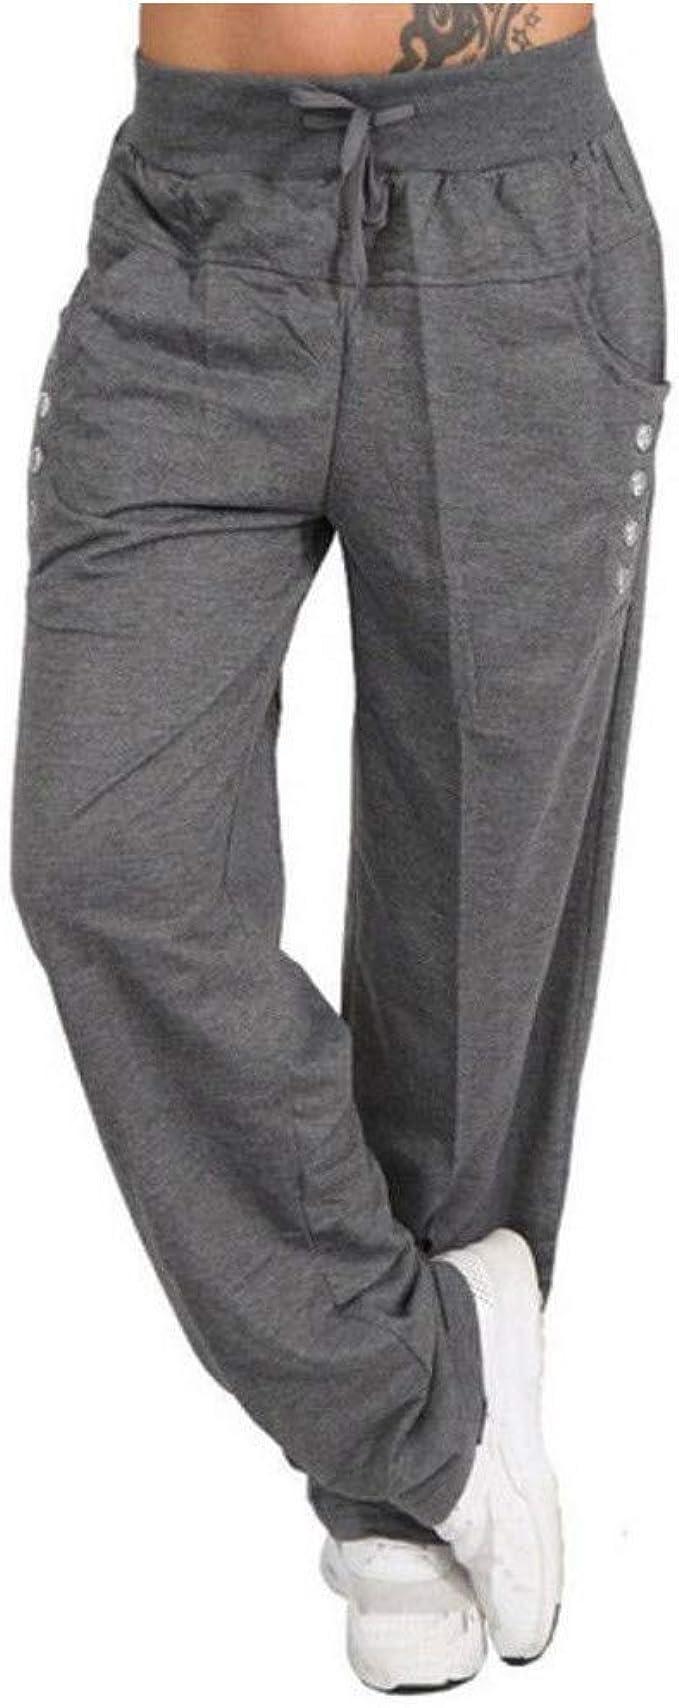 Zilosconcy Pantalones de chándal cagados para Mujer en Cierre de ...